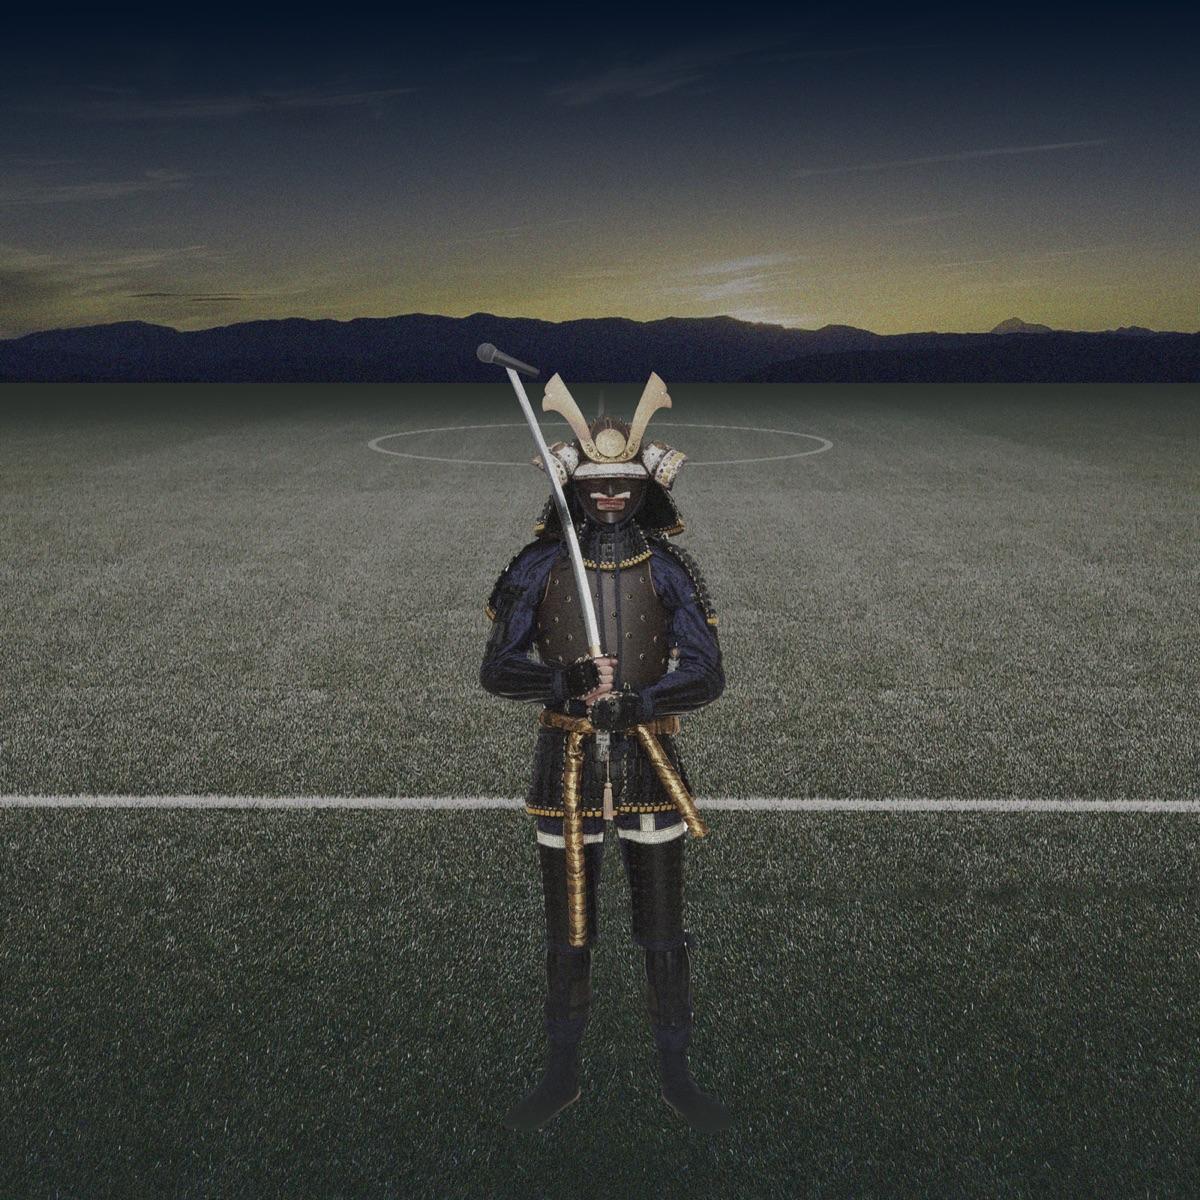 『LACCO TOWER - 無戦無敗』収録の『無戦無敗』ジャケット